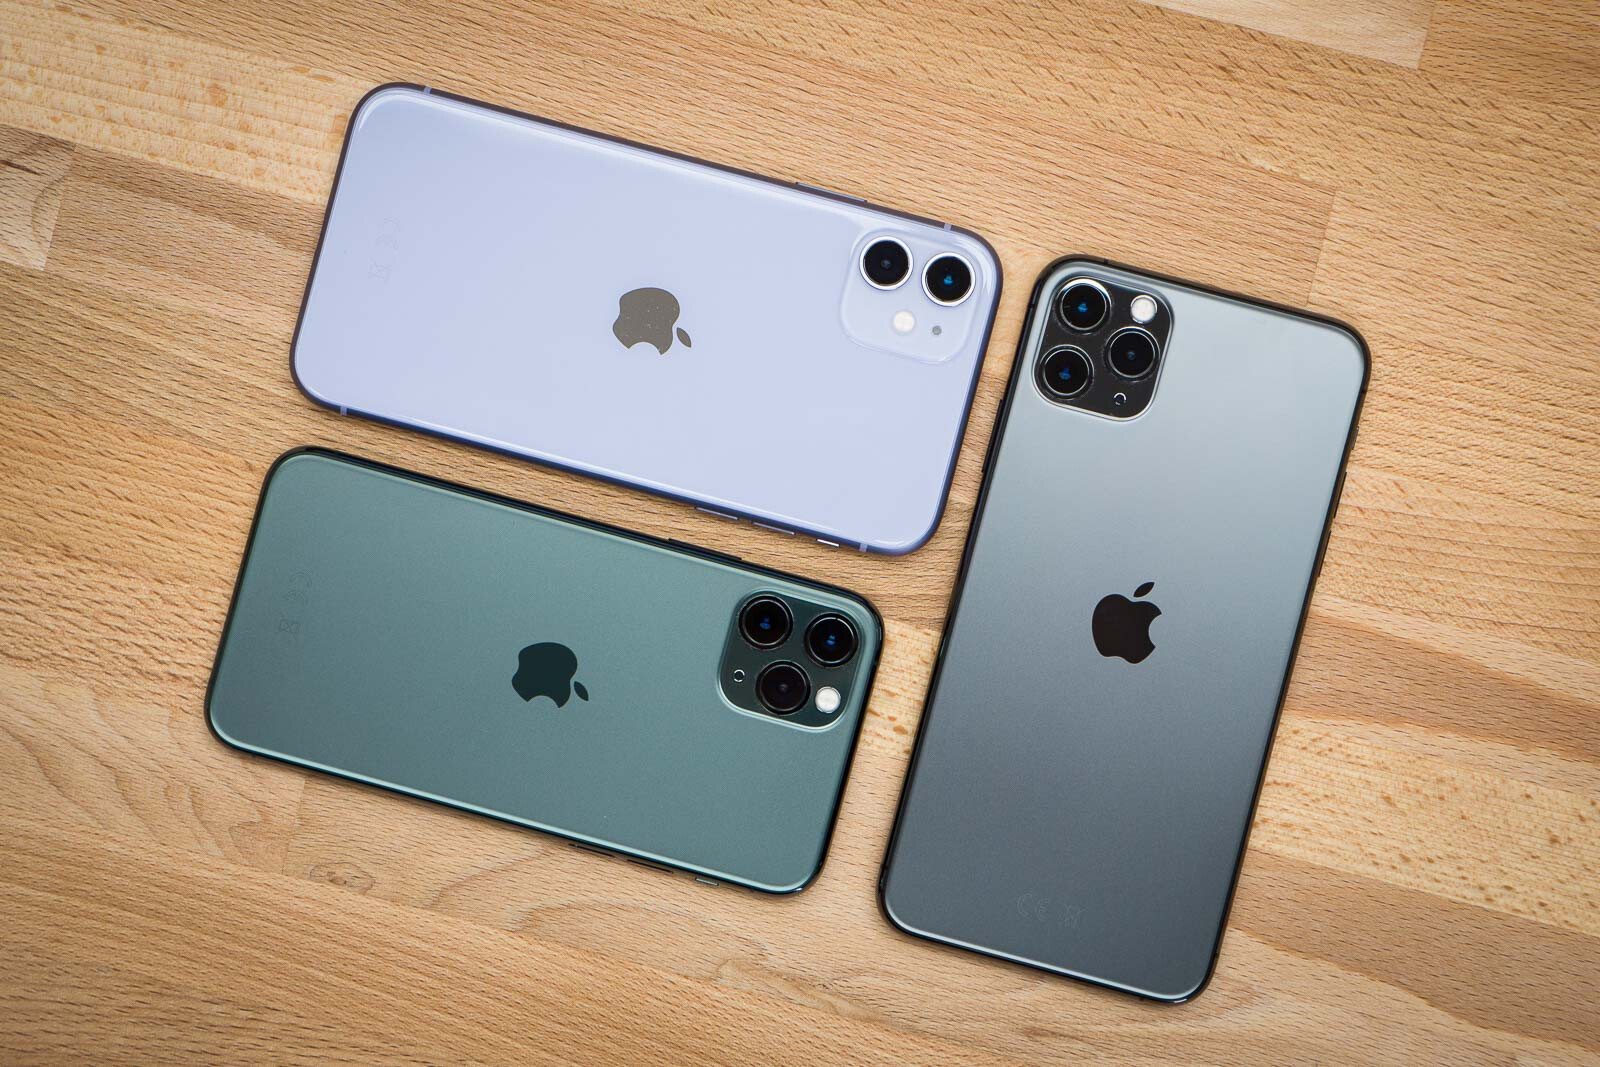 Apple vydělal nejvíce peněz, naopak trhu vládne Huawei